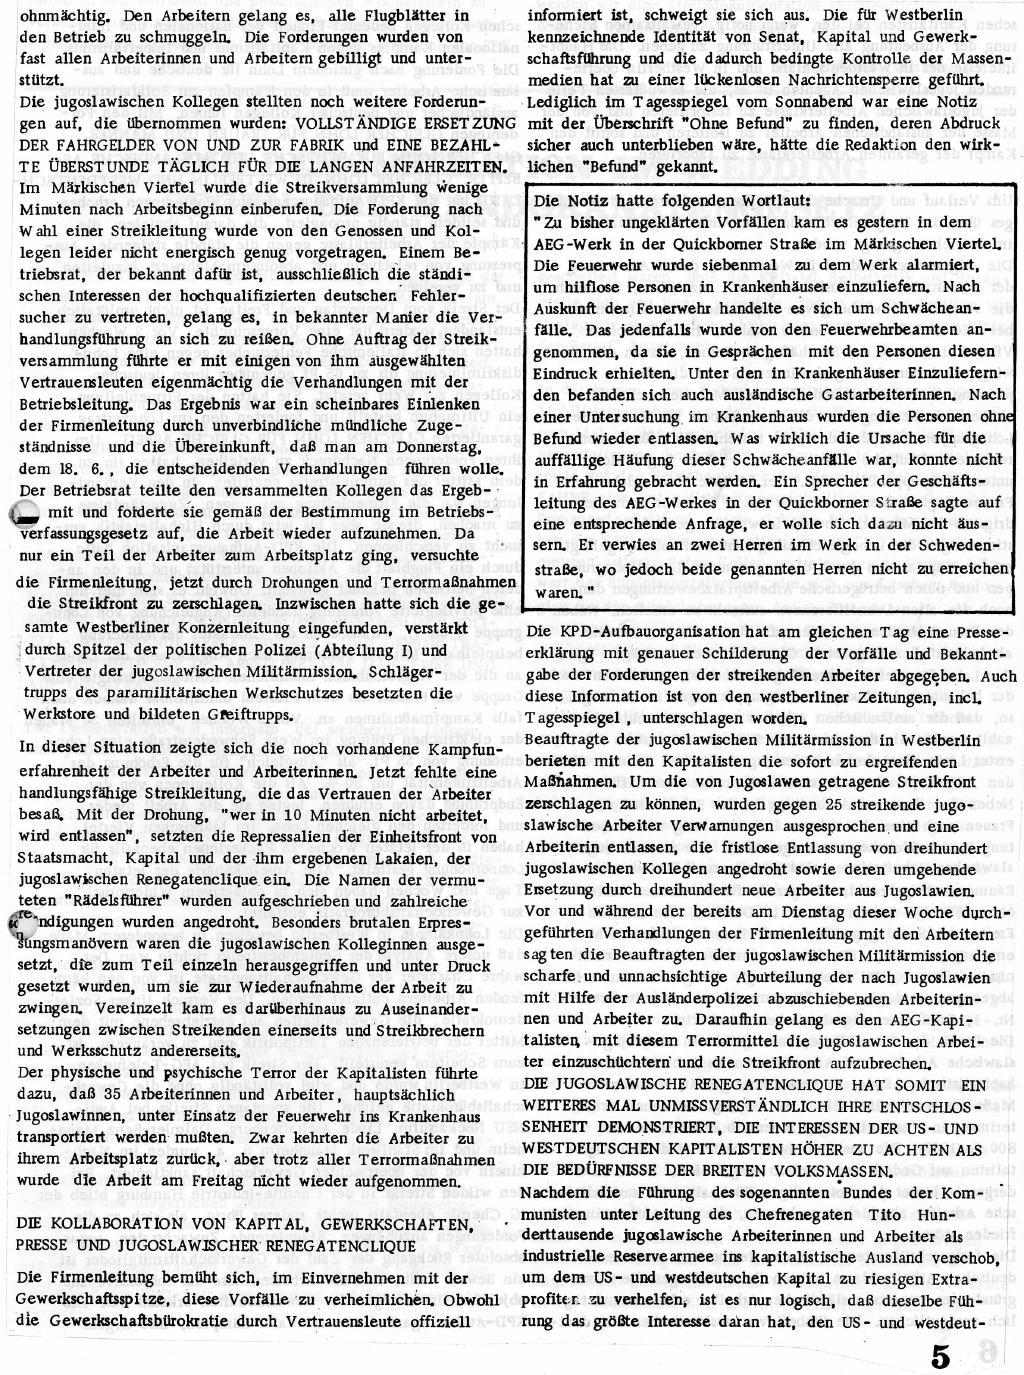 RPK_1970_069_05